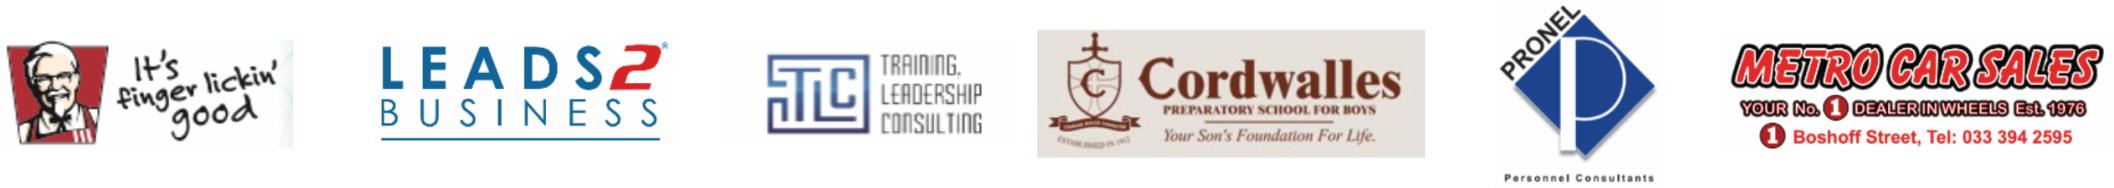 bbotcamp logos